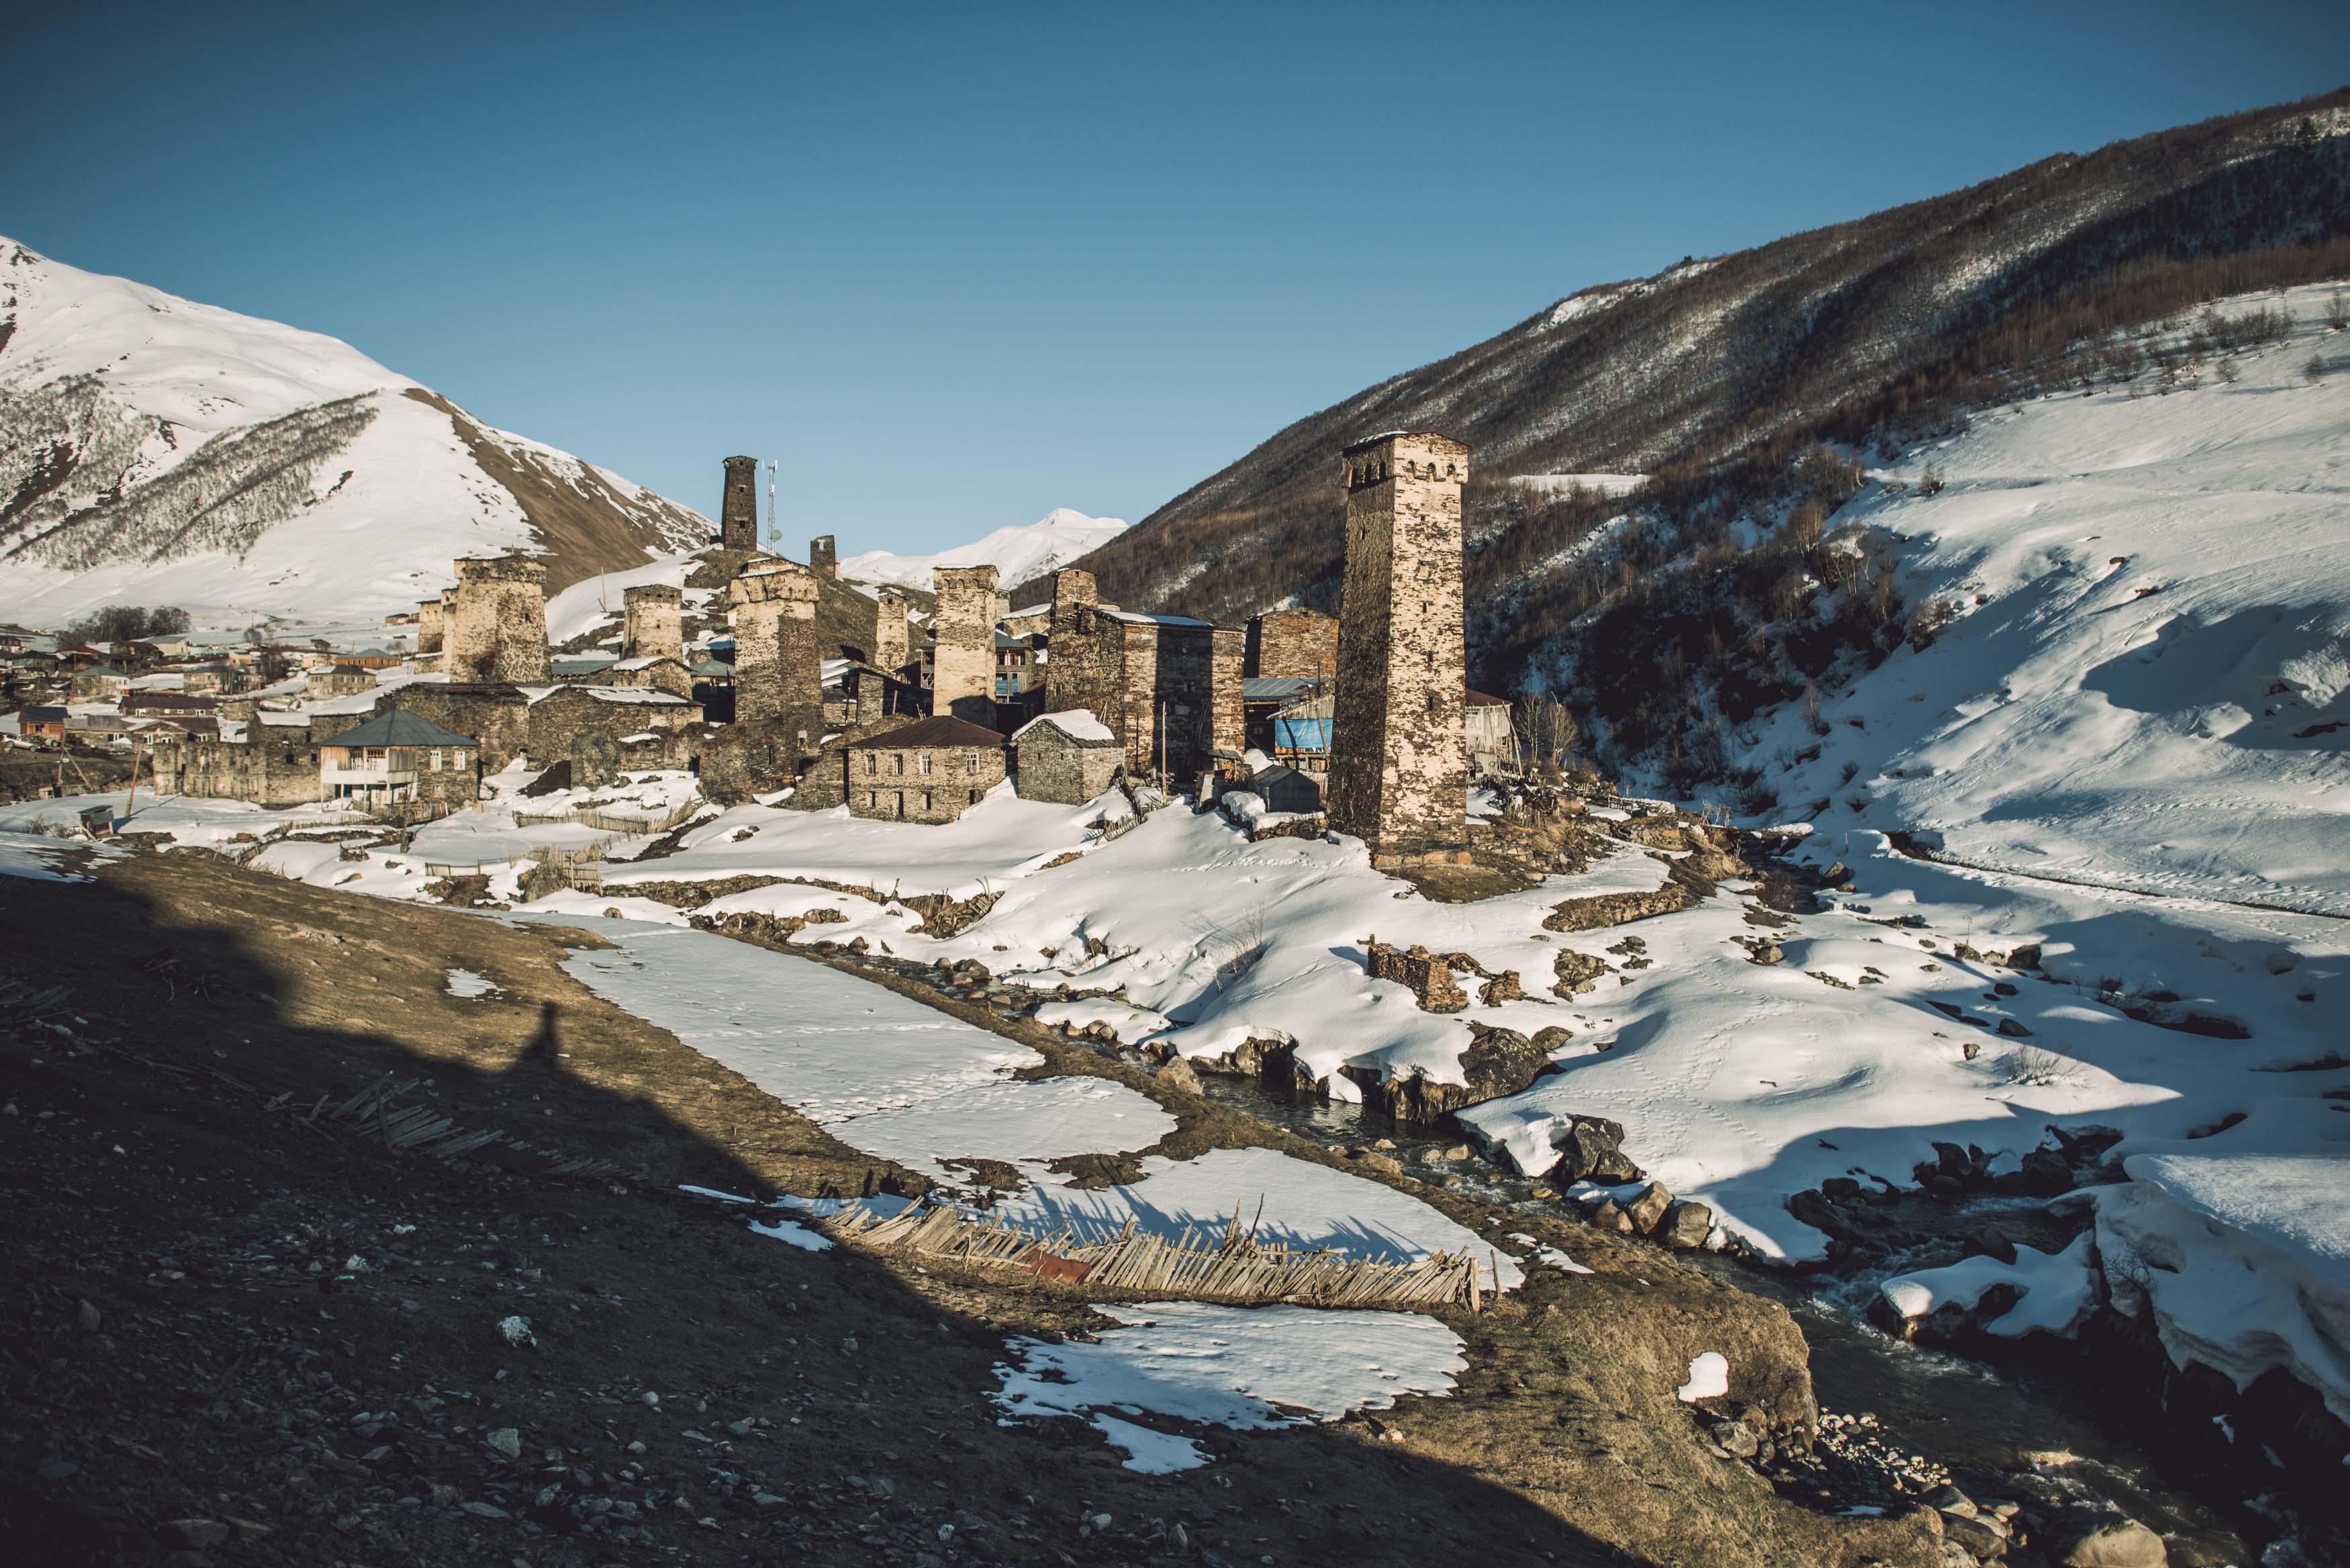 Ushguli Skitour